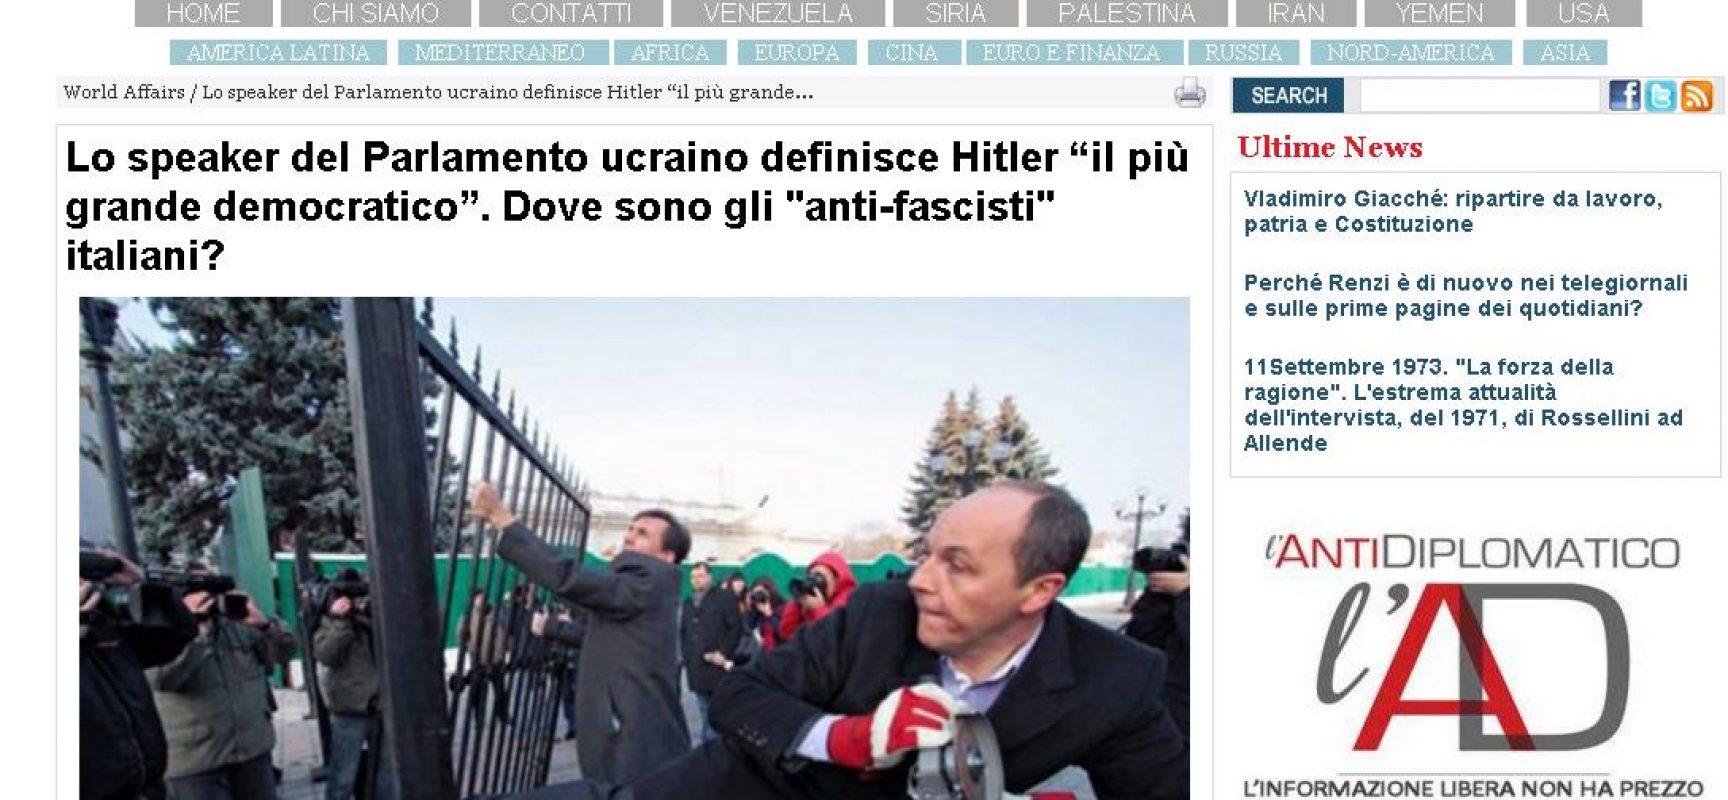 """Fake : Antidiplomatico, Lo speaker del Parlamento ucraino definisce Hitler """"il più grande democratico"""""""